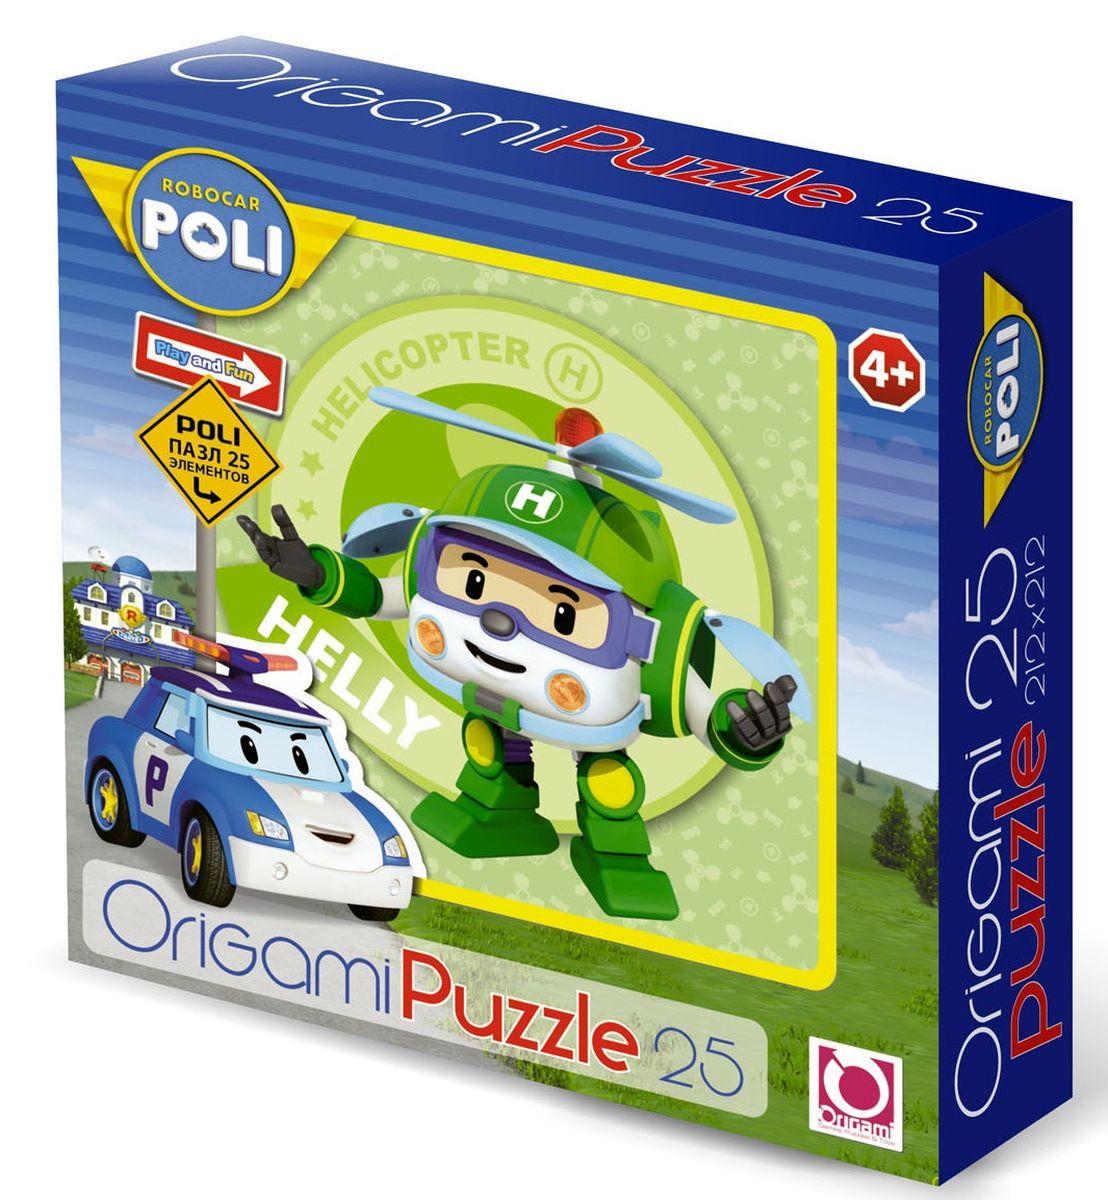 Оригами Пазл Robocar 25А 0016300163Пазл Робокар на 25 деталей. Пазл за пазлом ребёнок будет узнавать о весёлых приключениях машинок-трансформеров, в игровой форме ребёнок научится правилам дорожного движения. Составление пазла станет развивающим досугом для малыша и подарит хорошее настроение. Размер пазла 22х22. Рекомендуемый возраст 3+.